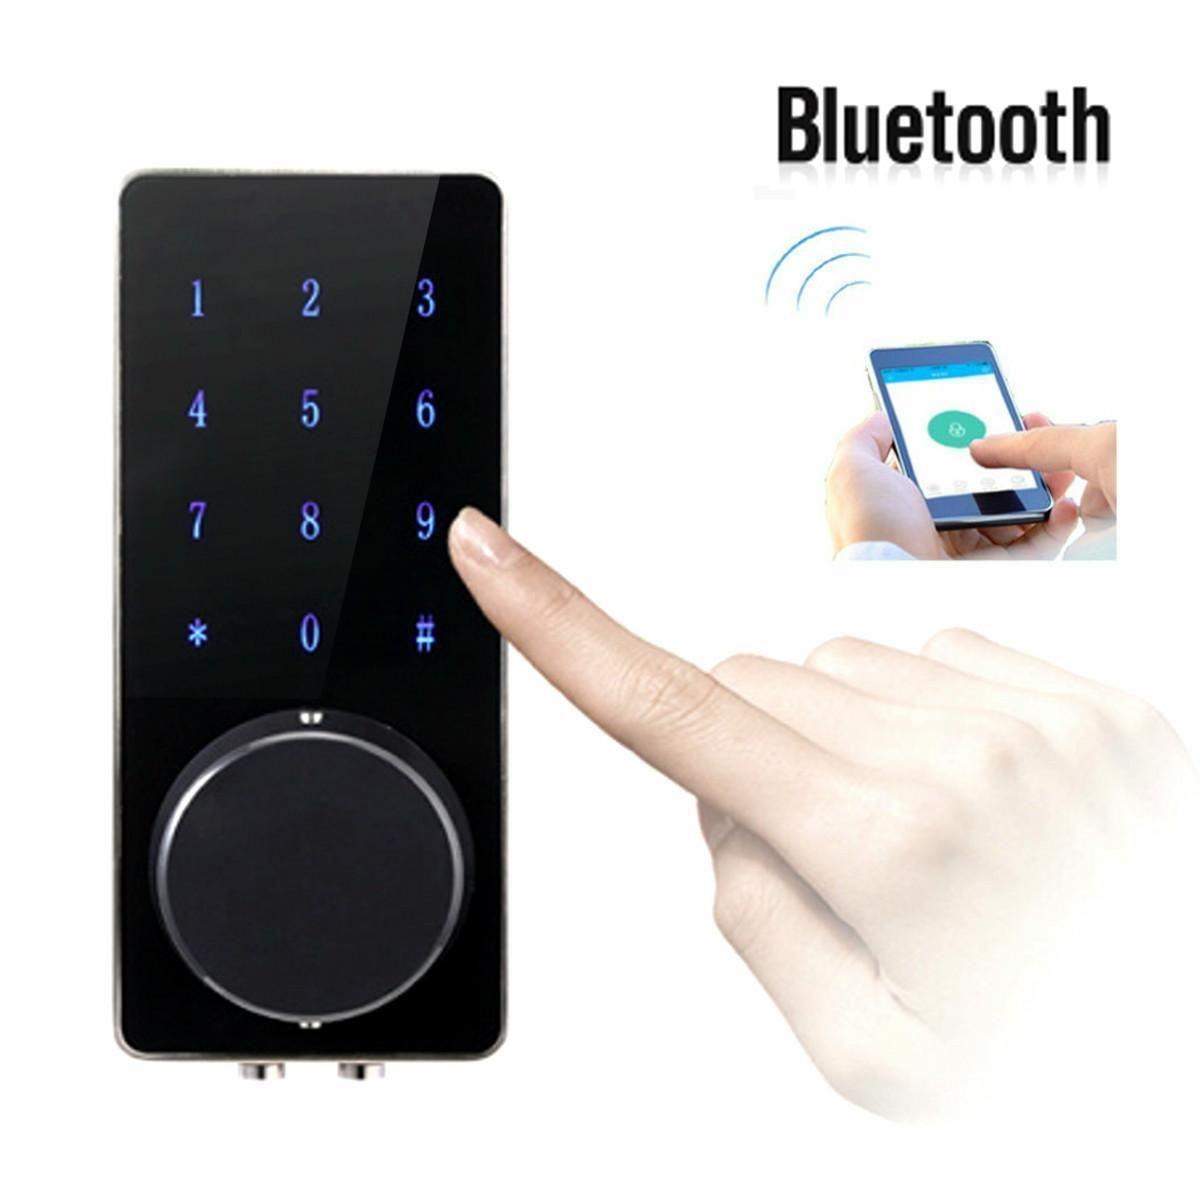 Serrure Bluetooth de serrure de porte sans fil de téléphone intelligent avec le mot de passe d'écran tactile